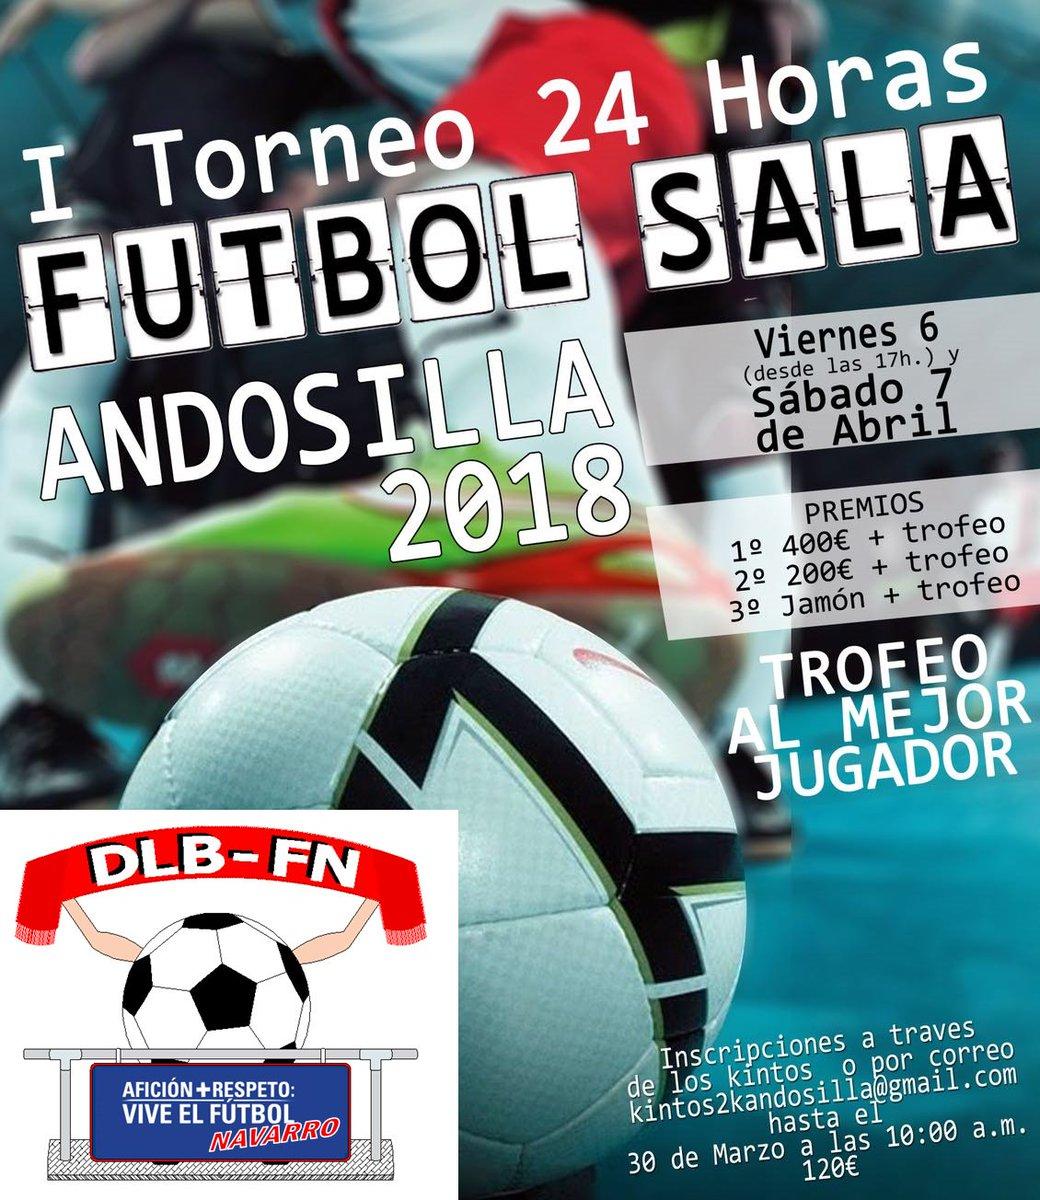 Desde La Banda - Fútbol Navarro (DLB-FN) | I Torneo 24 horas de Fútbol Sala de Andosilla.